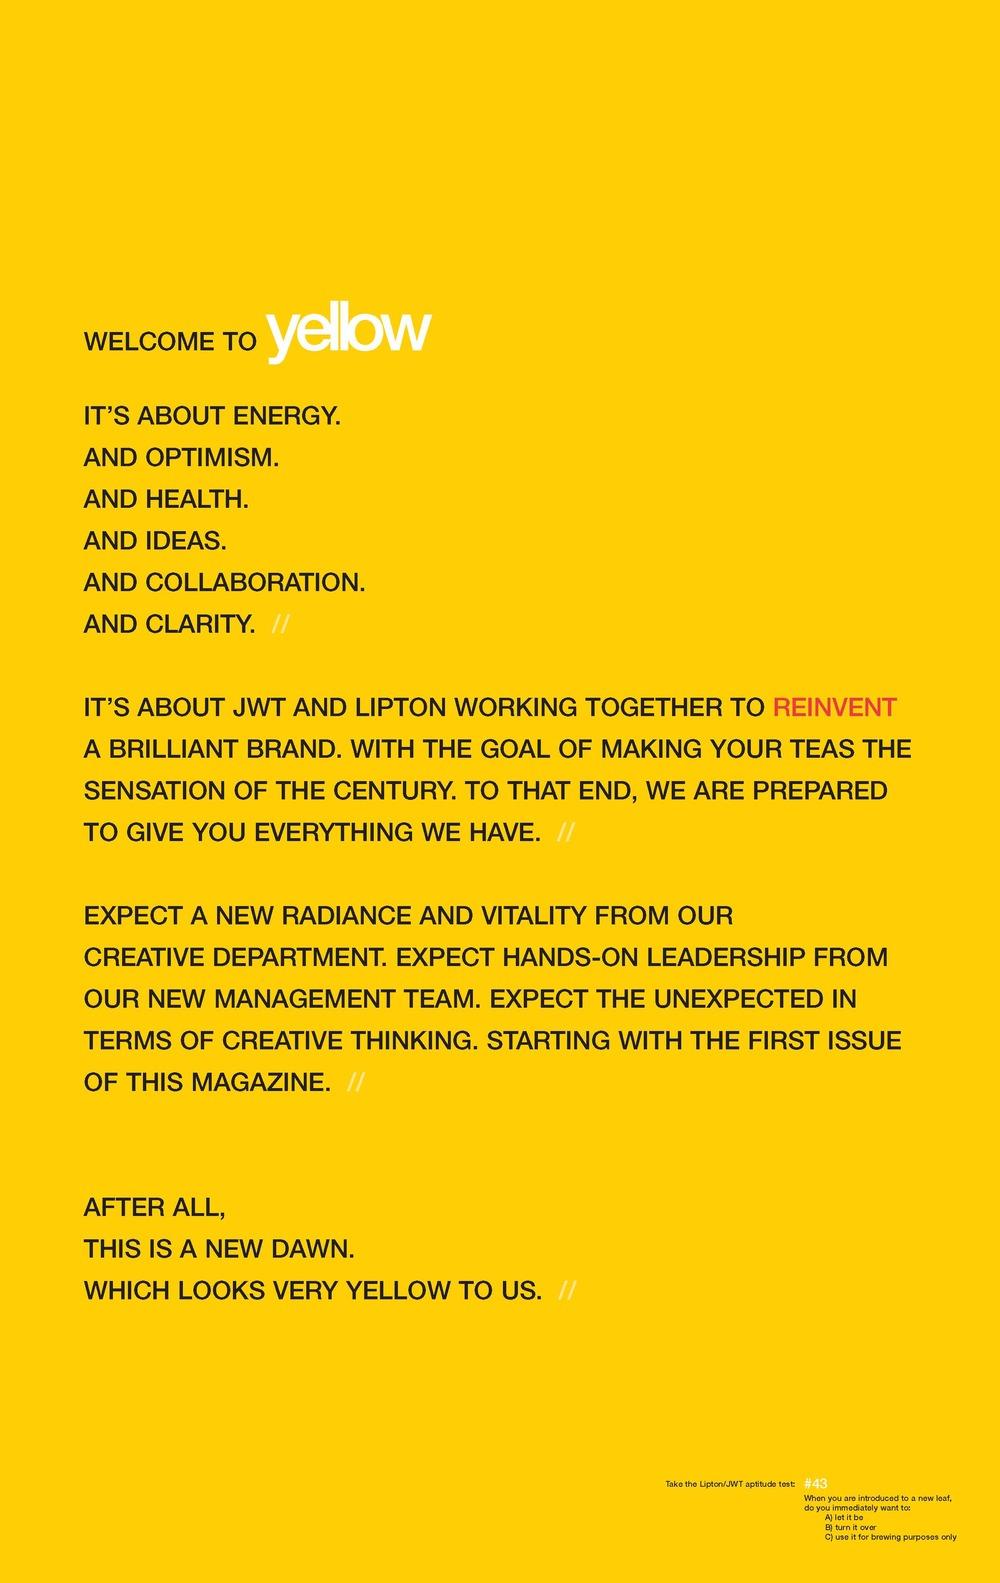 LiptonMag_03-10-04_Page_03.jpg